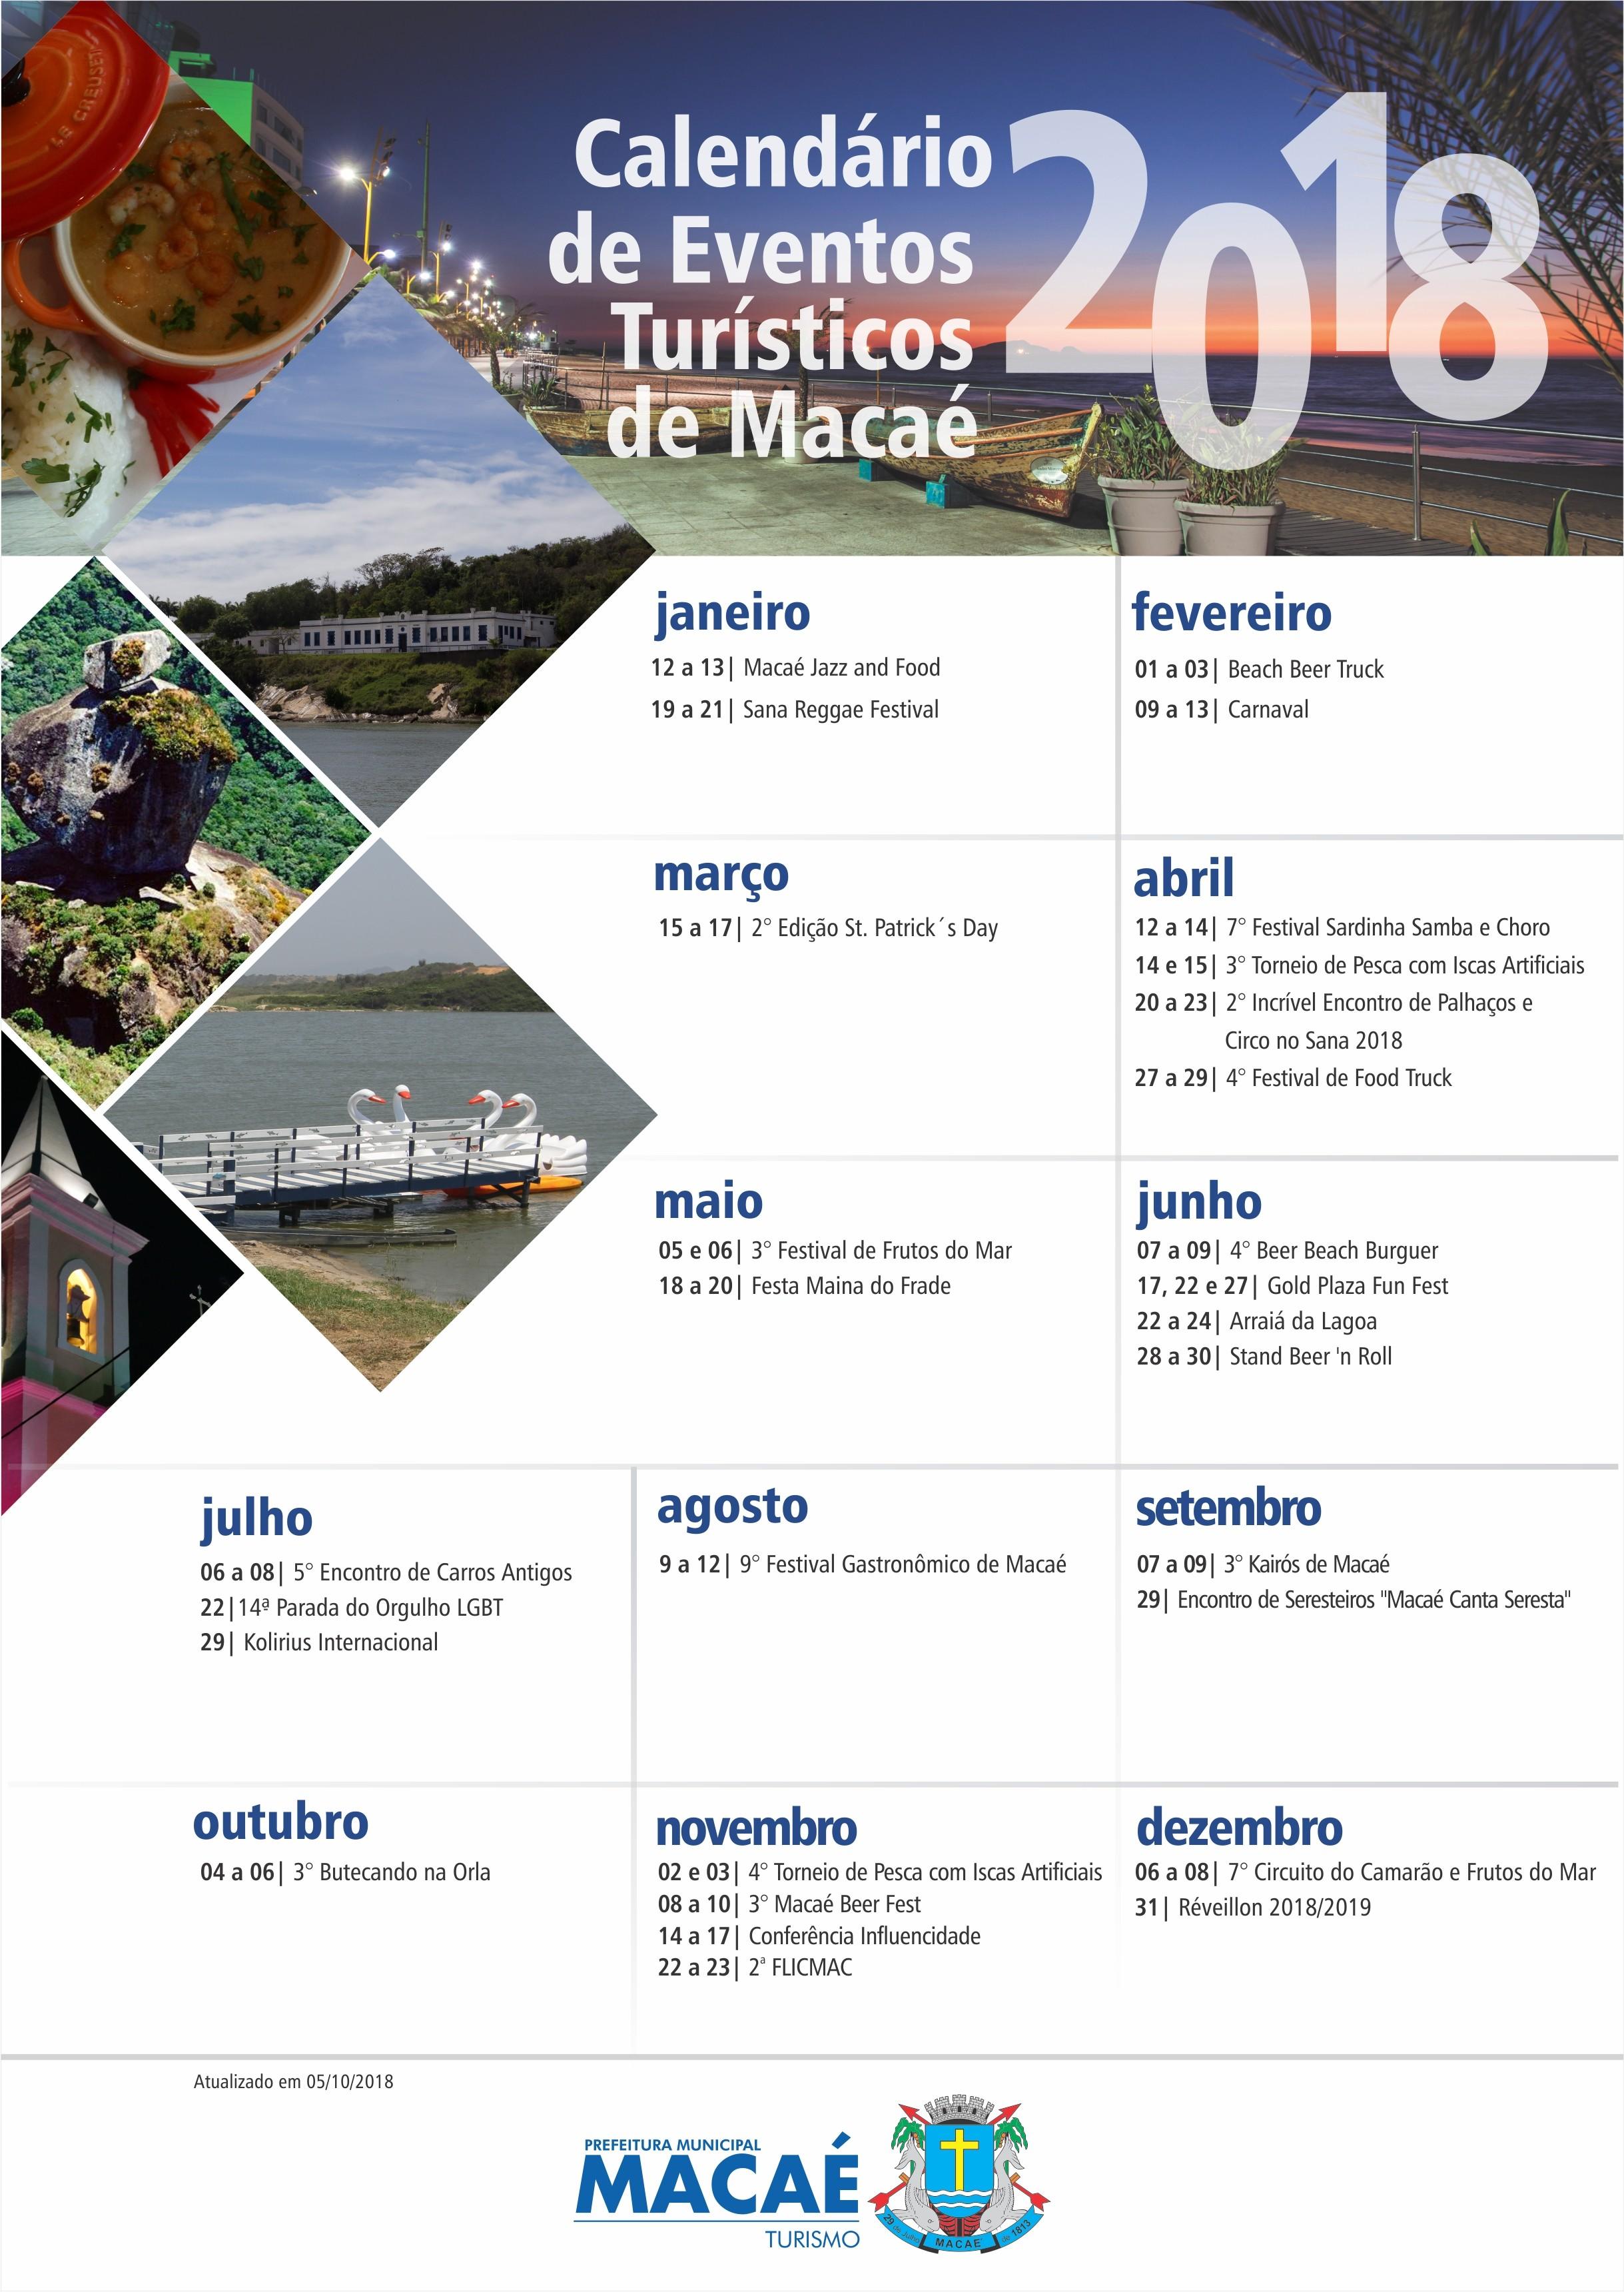 Calendario 2019 Junho Más Recientes Index Of Midia Of Calendario 2019 Junho Más Arriba-a-fecha Index Of Midia